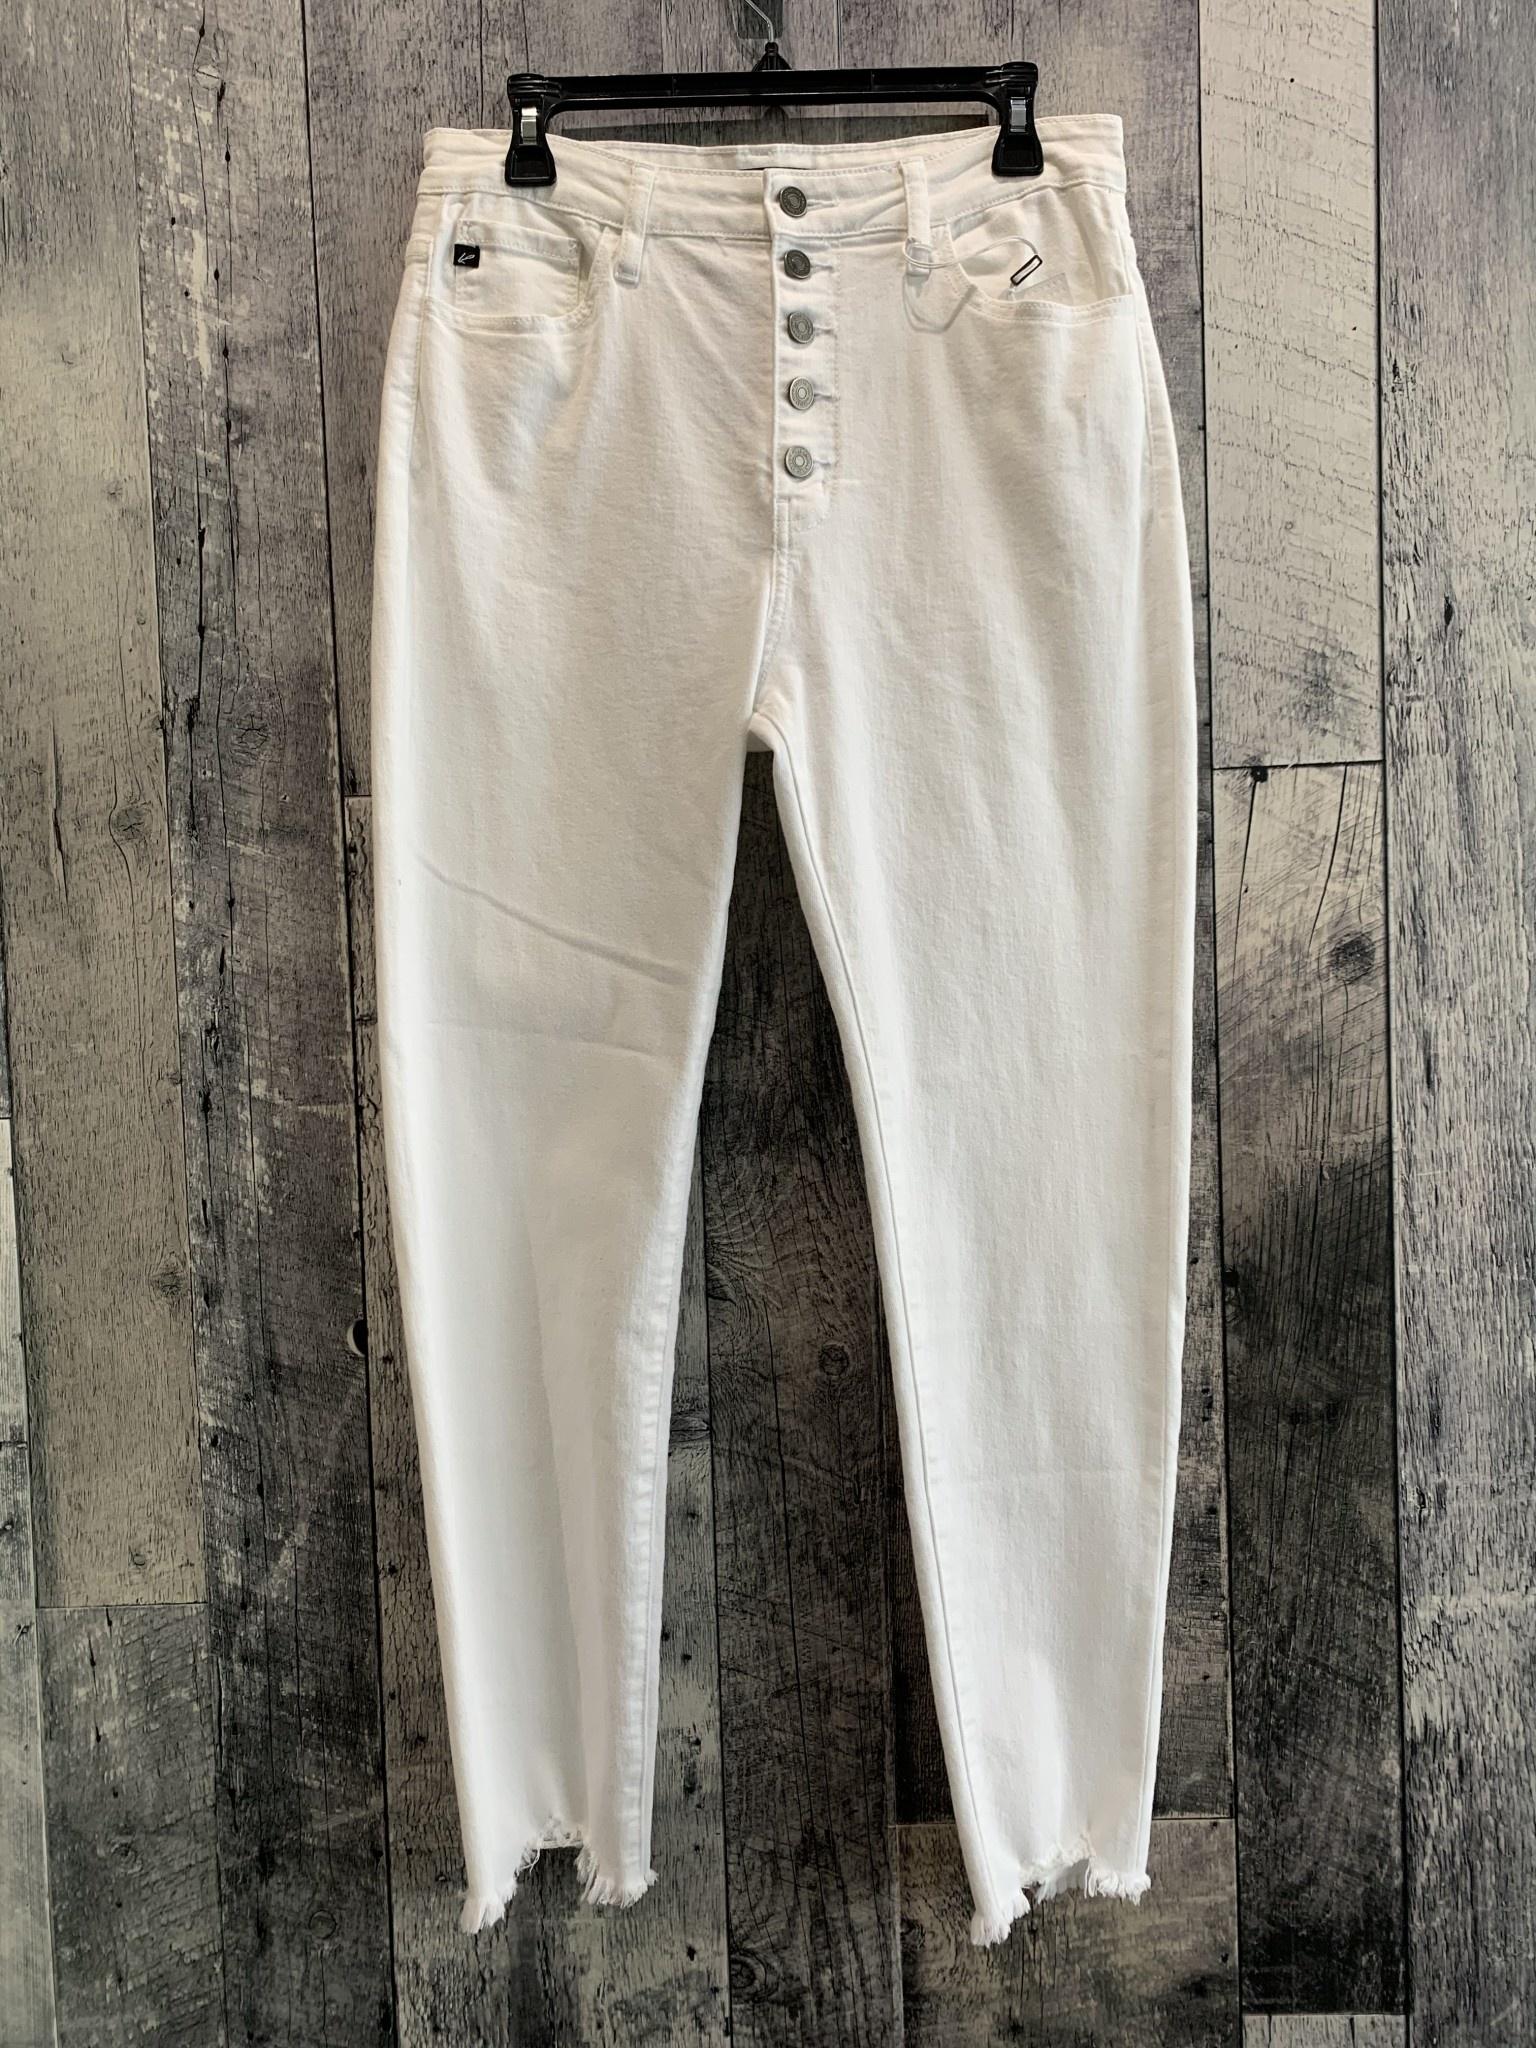 button down freyed btm jeans